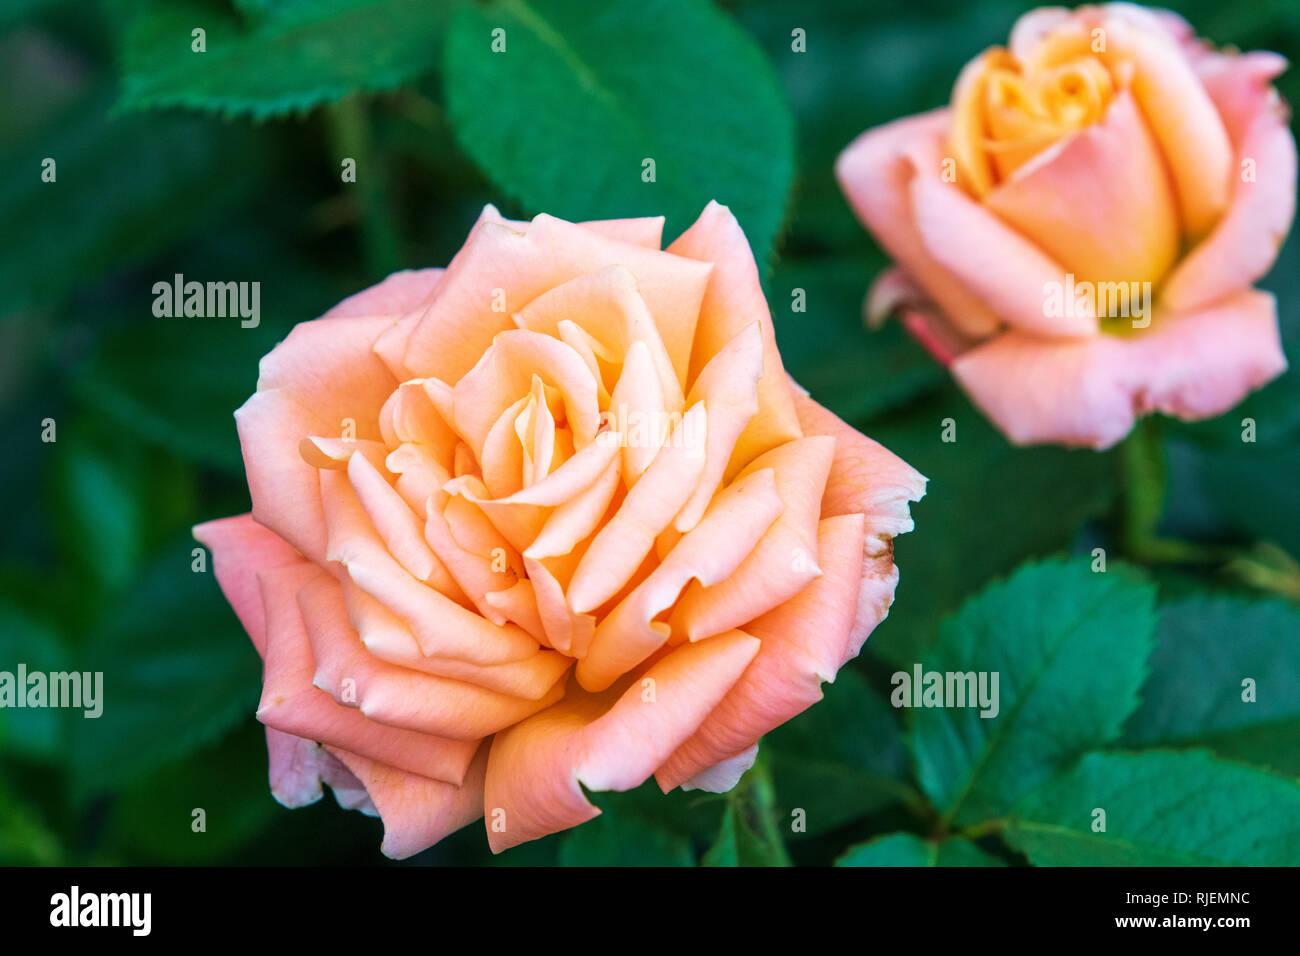 9e90481e84a9 Atlantic Star Stock Photos   Atlantic Star Stock Images - Alamy